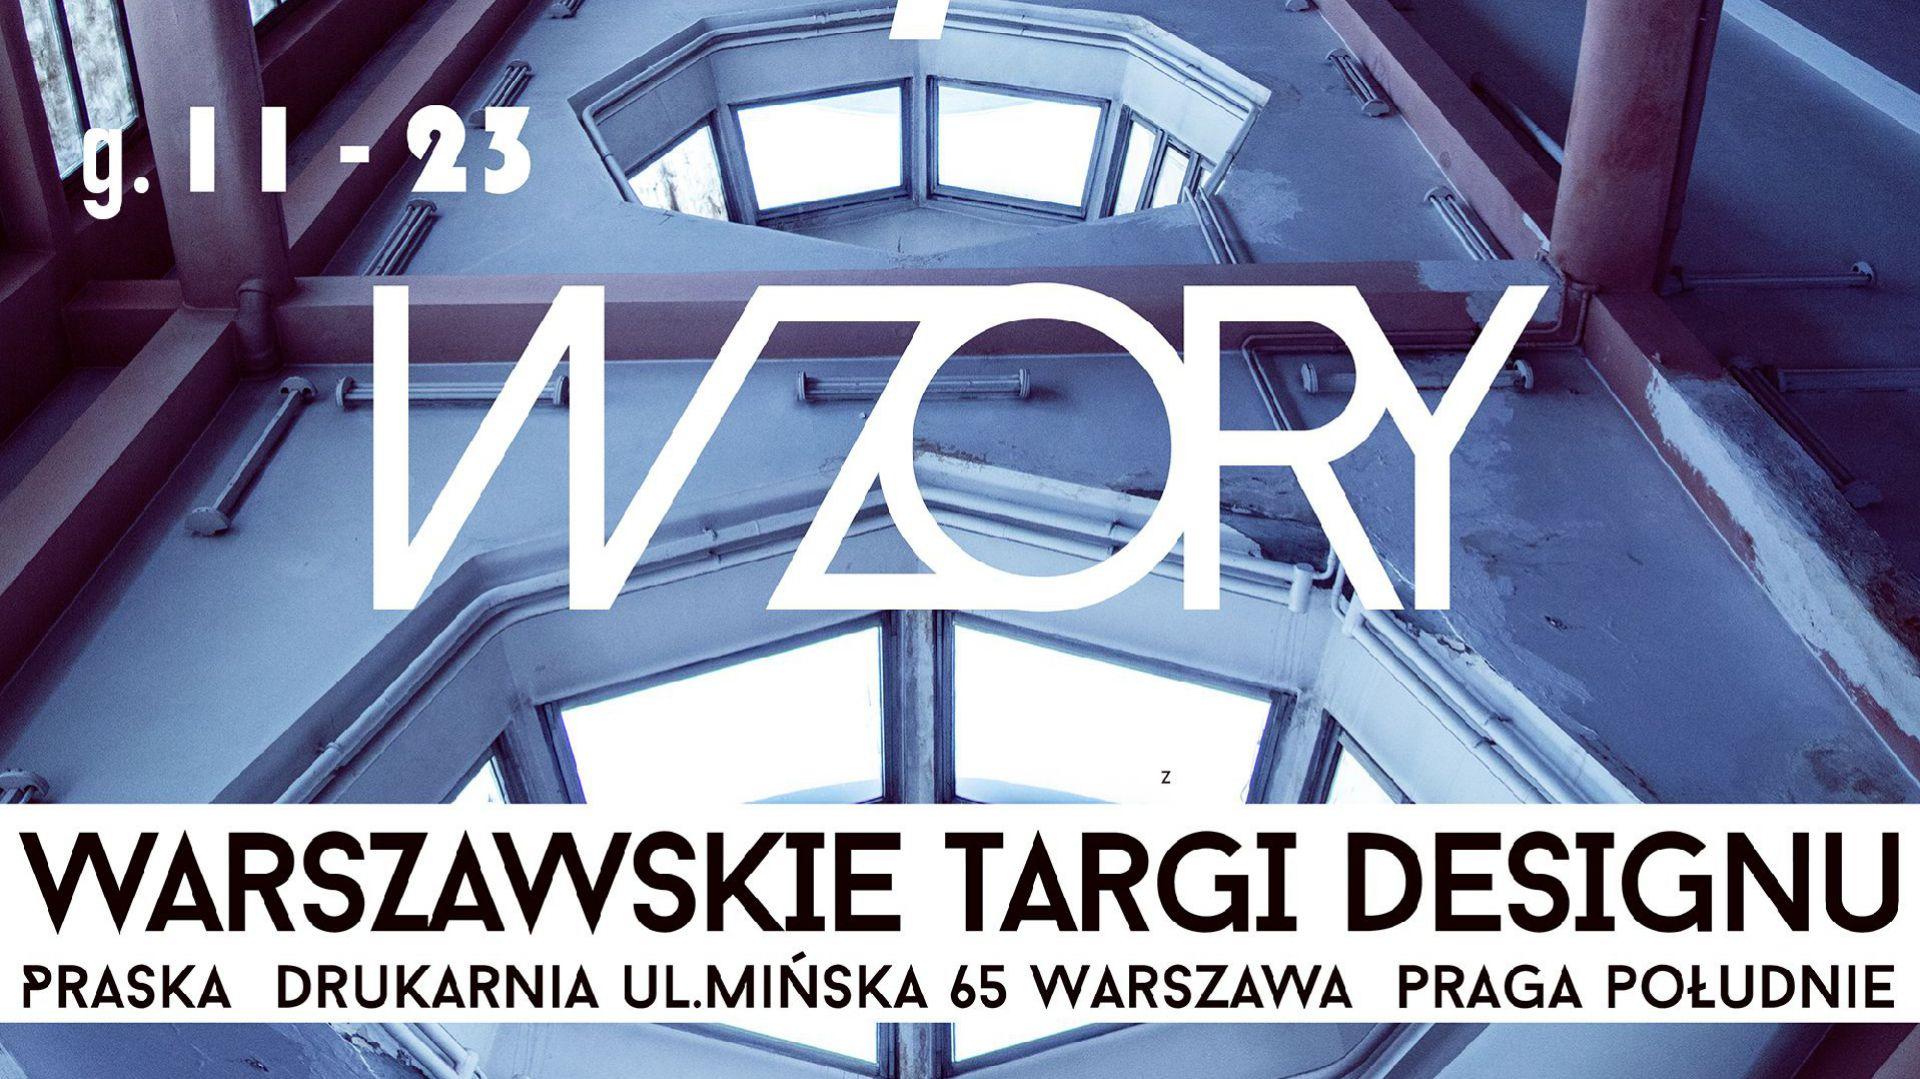 Warszawskie Targi Designu WZORY.